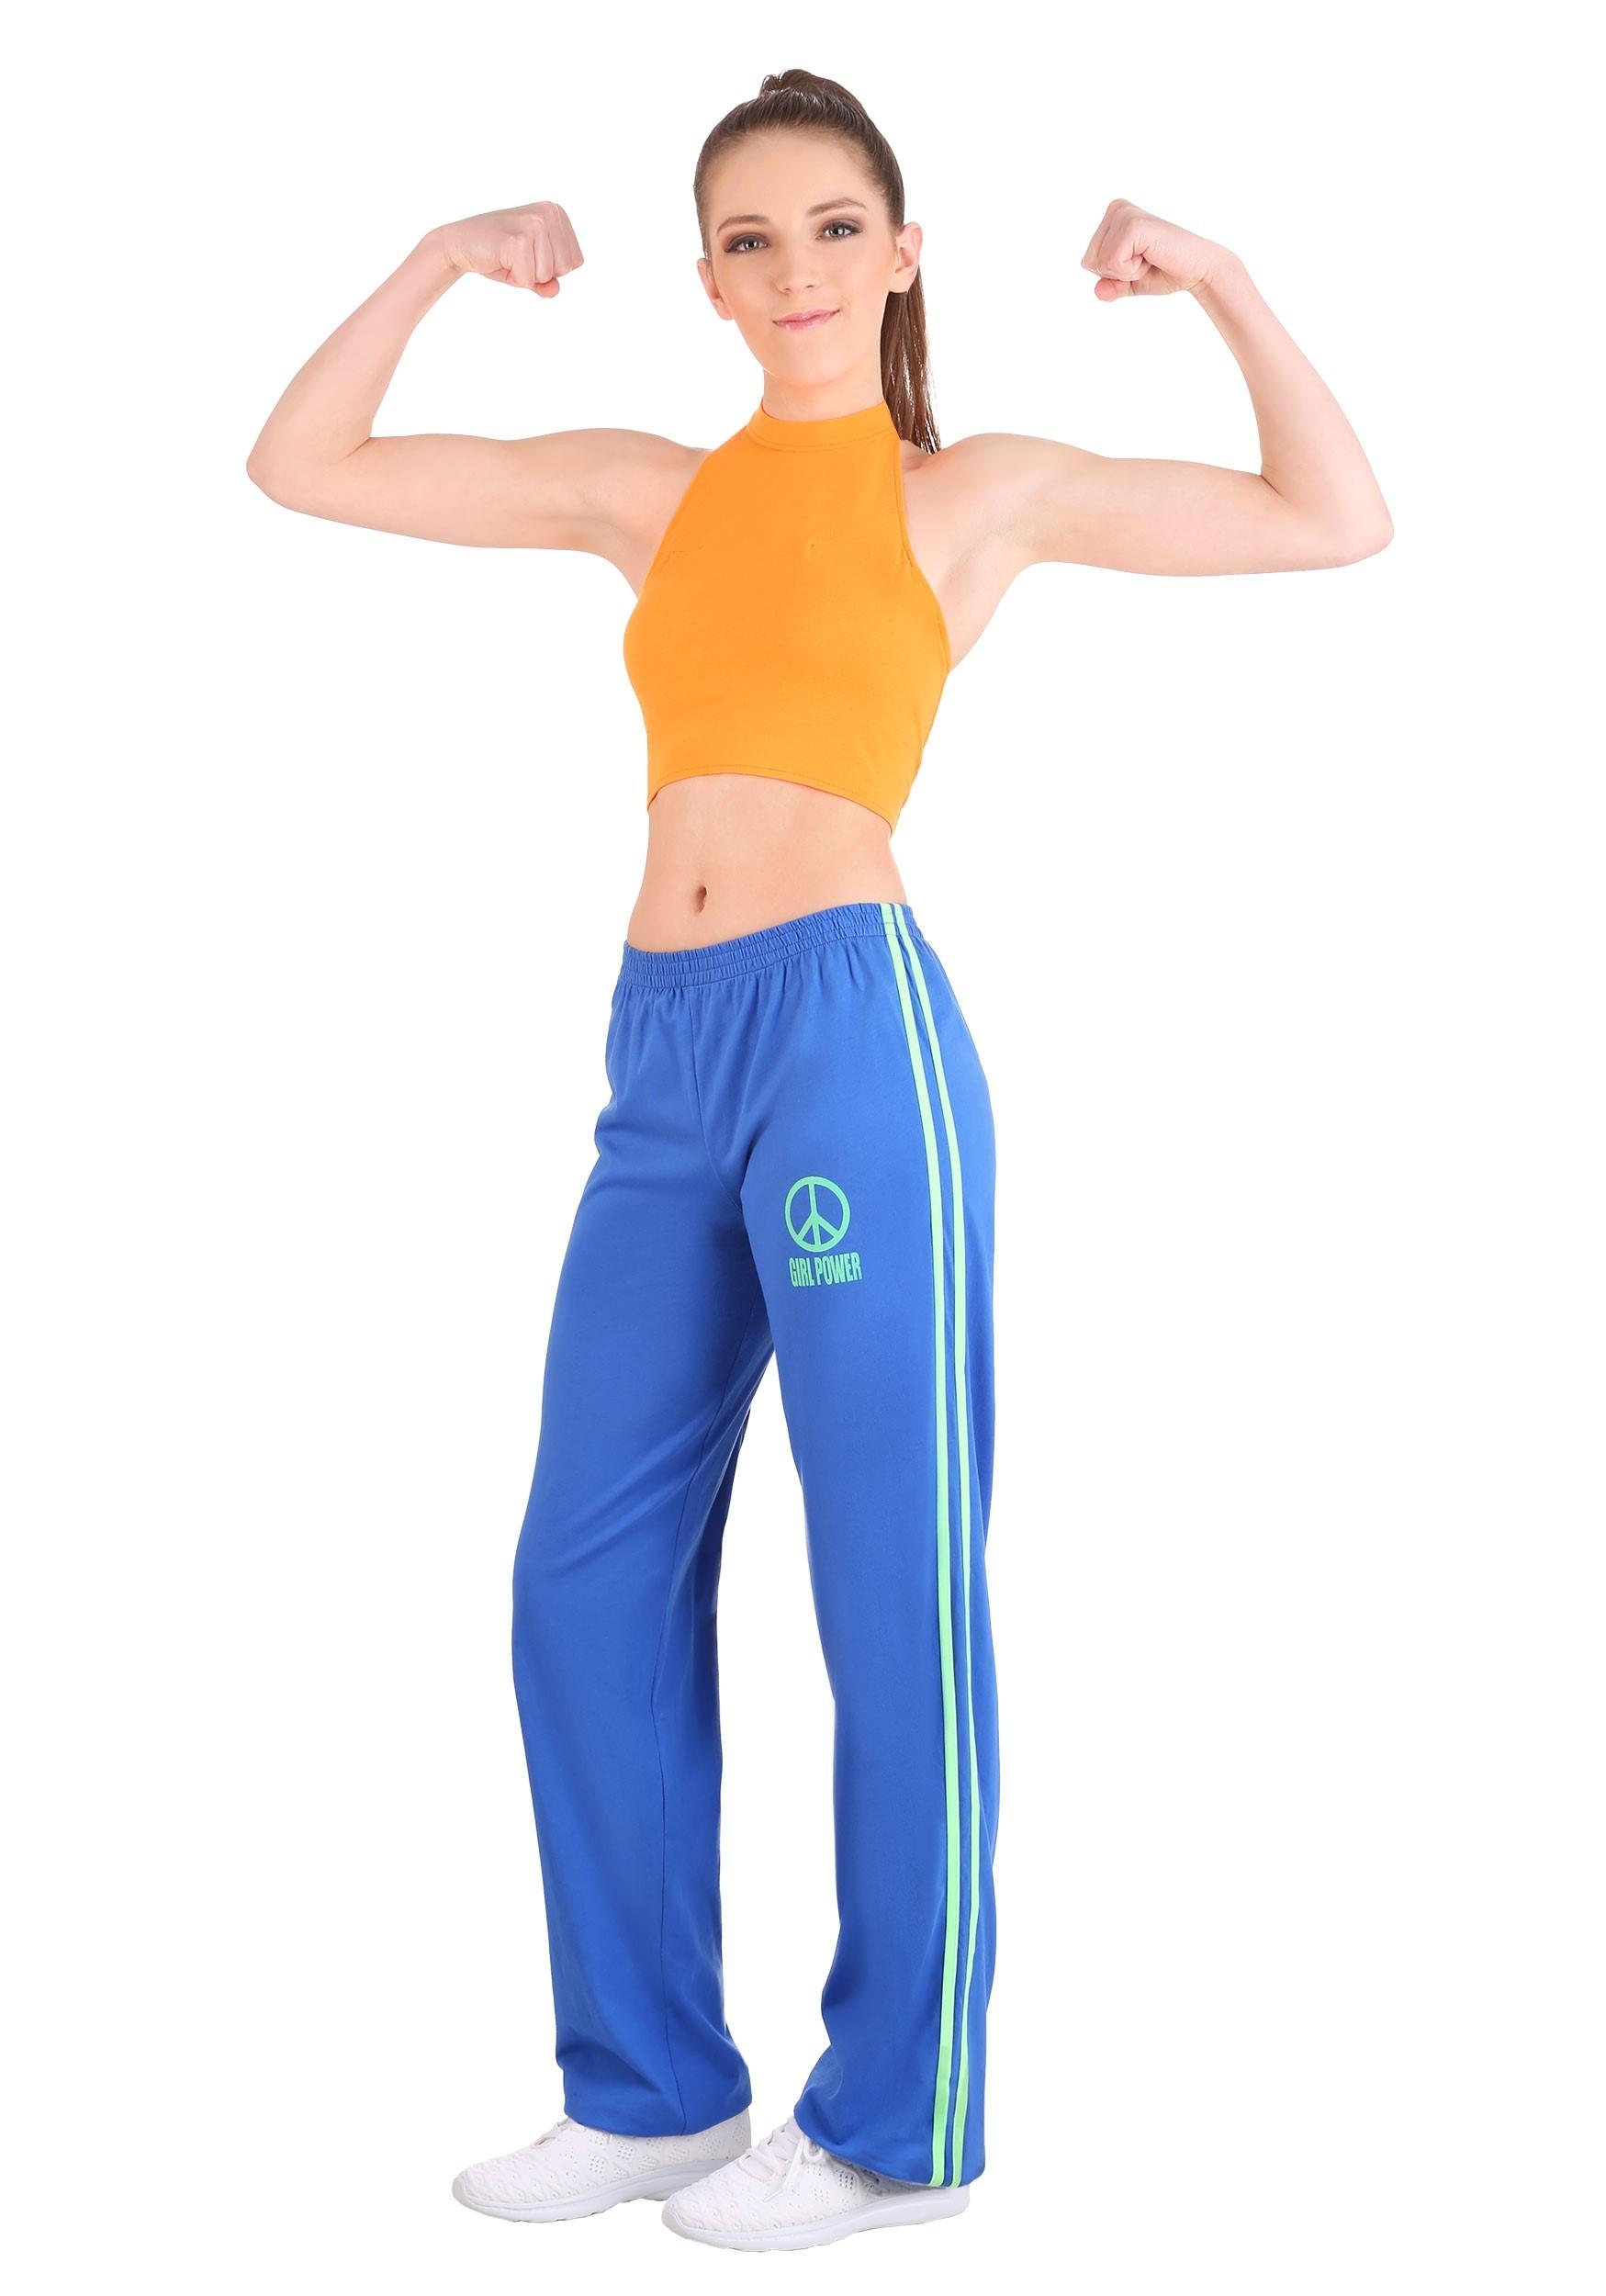 Athletic Girl Power Popstar Costume for Women